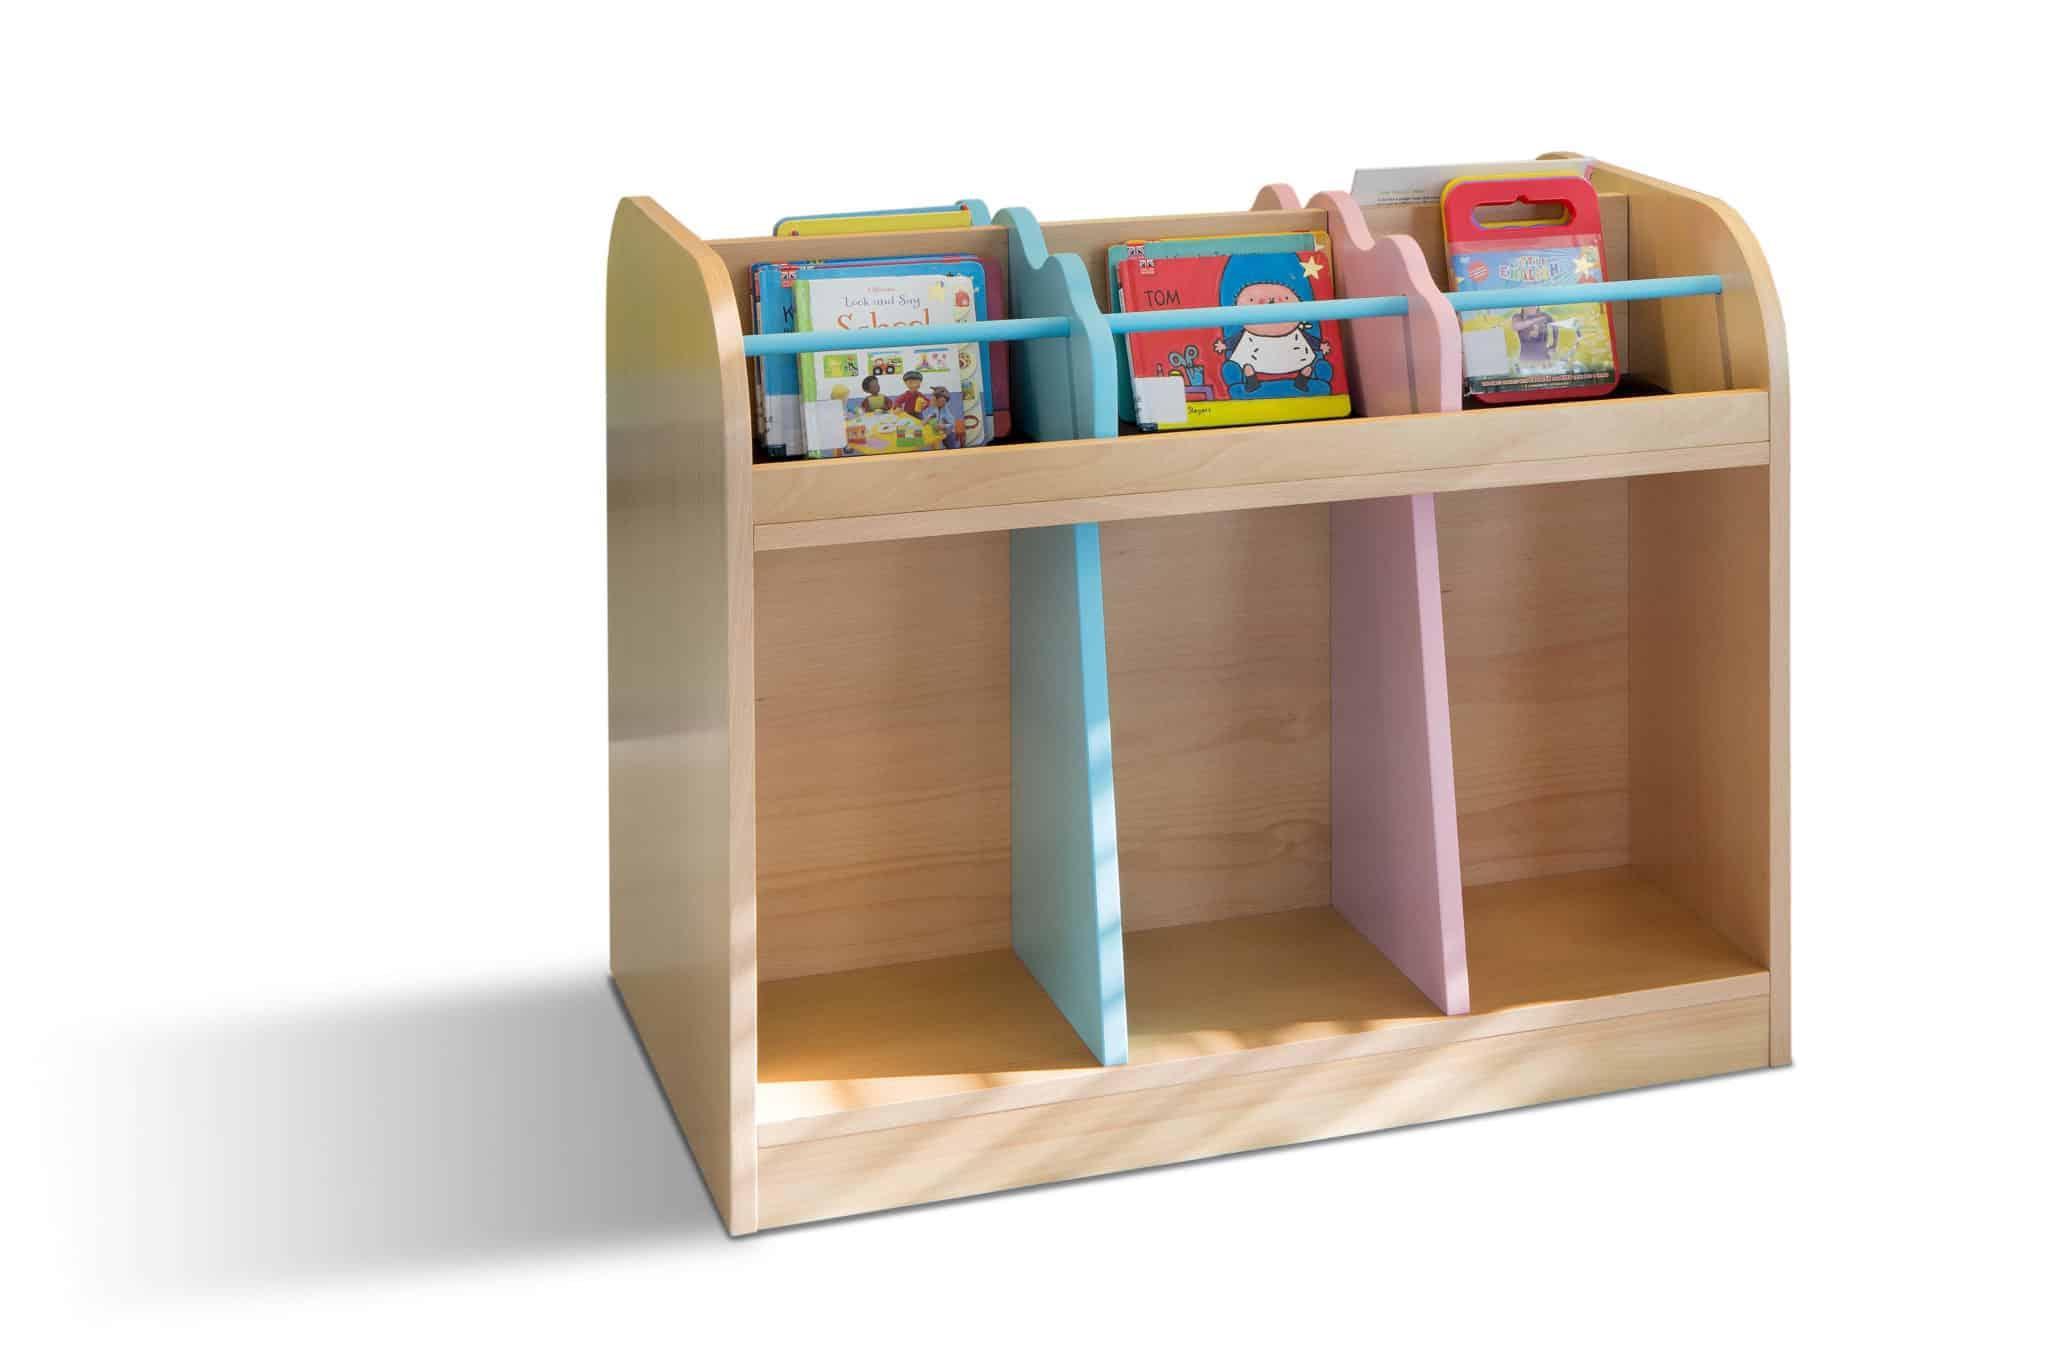 METALUNDI meuble porte livre pour enfants, adapté a leurs taill